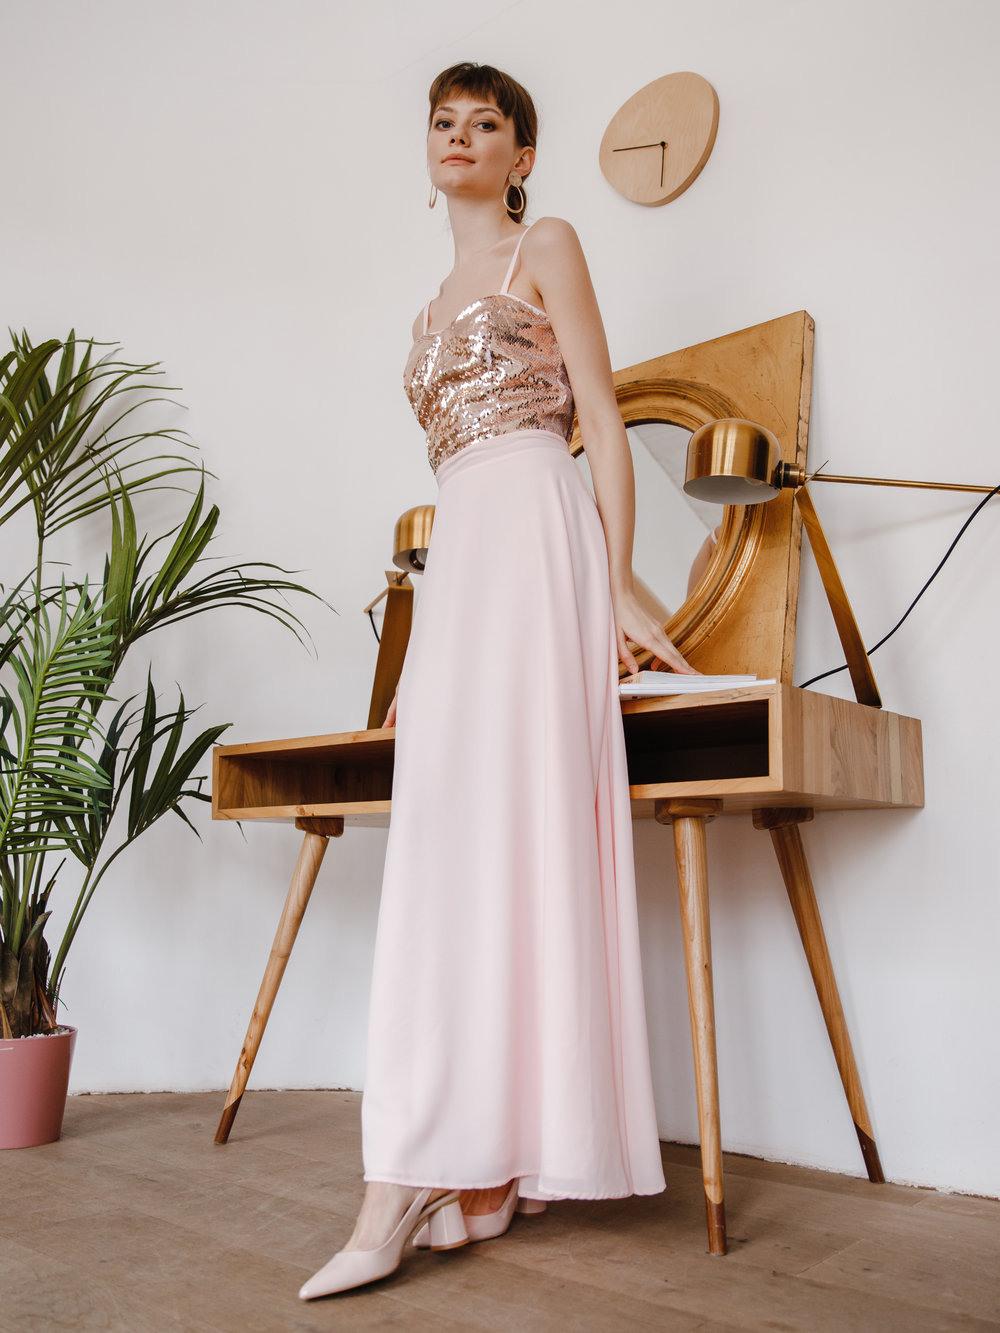 20 Perfekt D Abendkleid für 201913 Spektakulär D Abendkleid Vertrieb